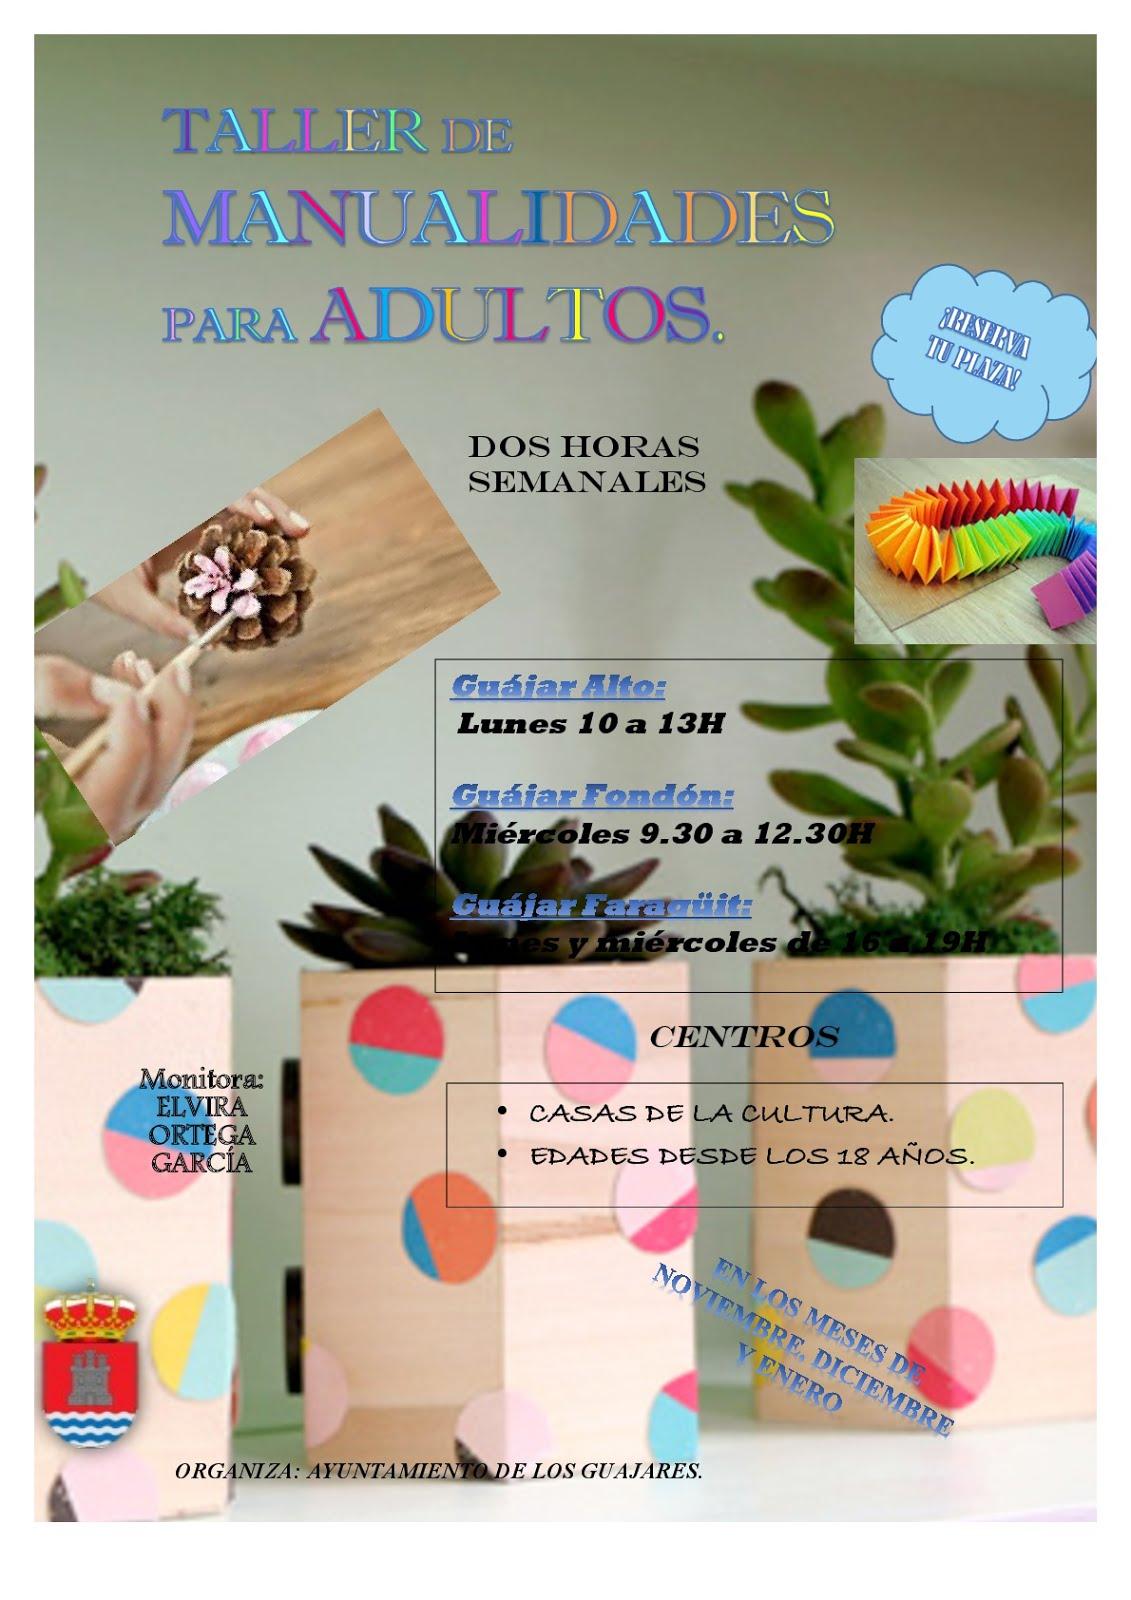 Empleo igualdad cultura y juventud en los gu jares - Talleres manualidades para adultos ...